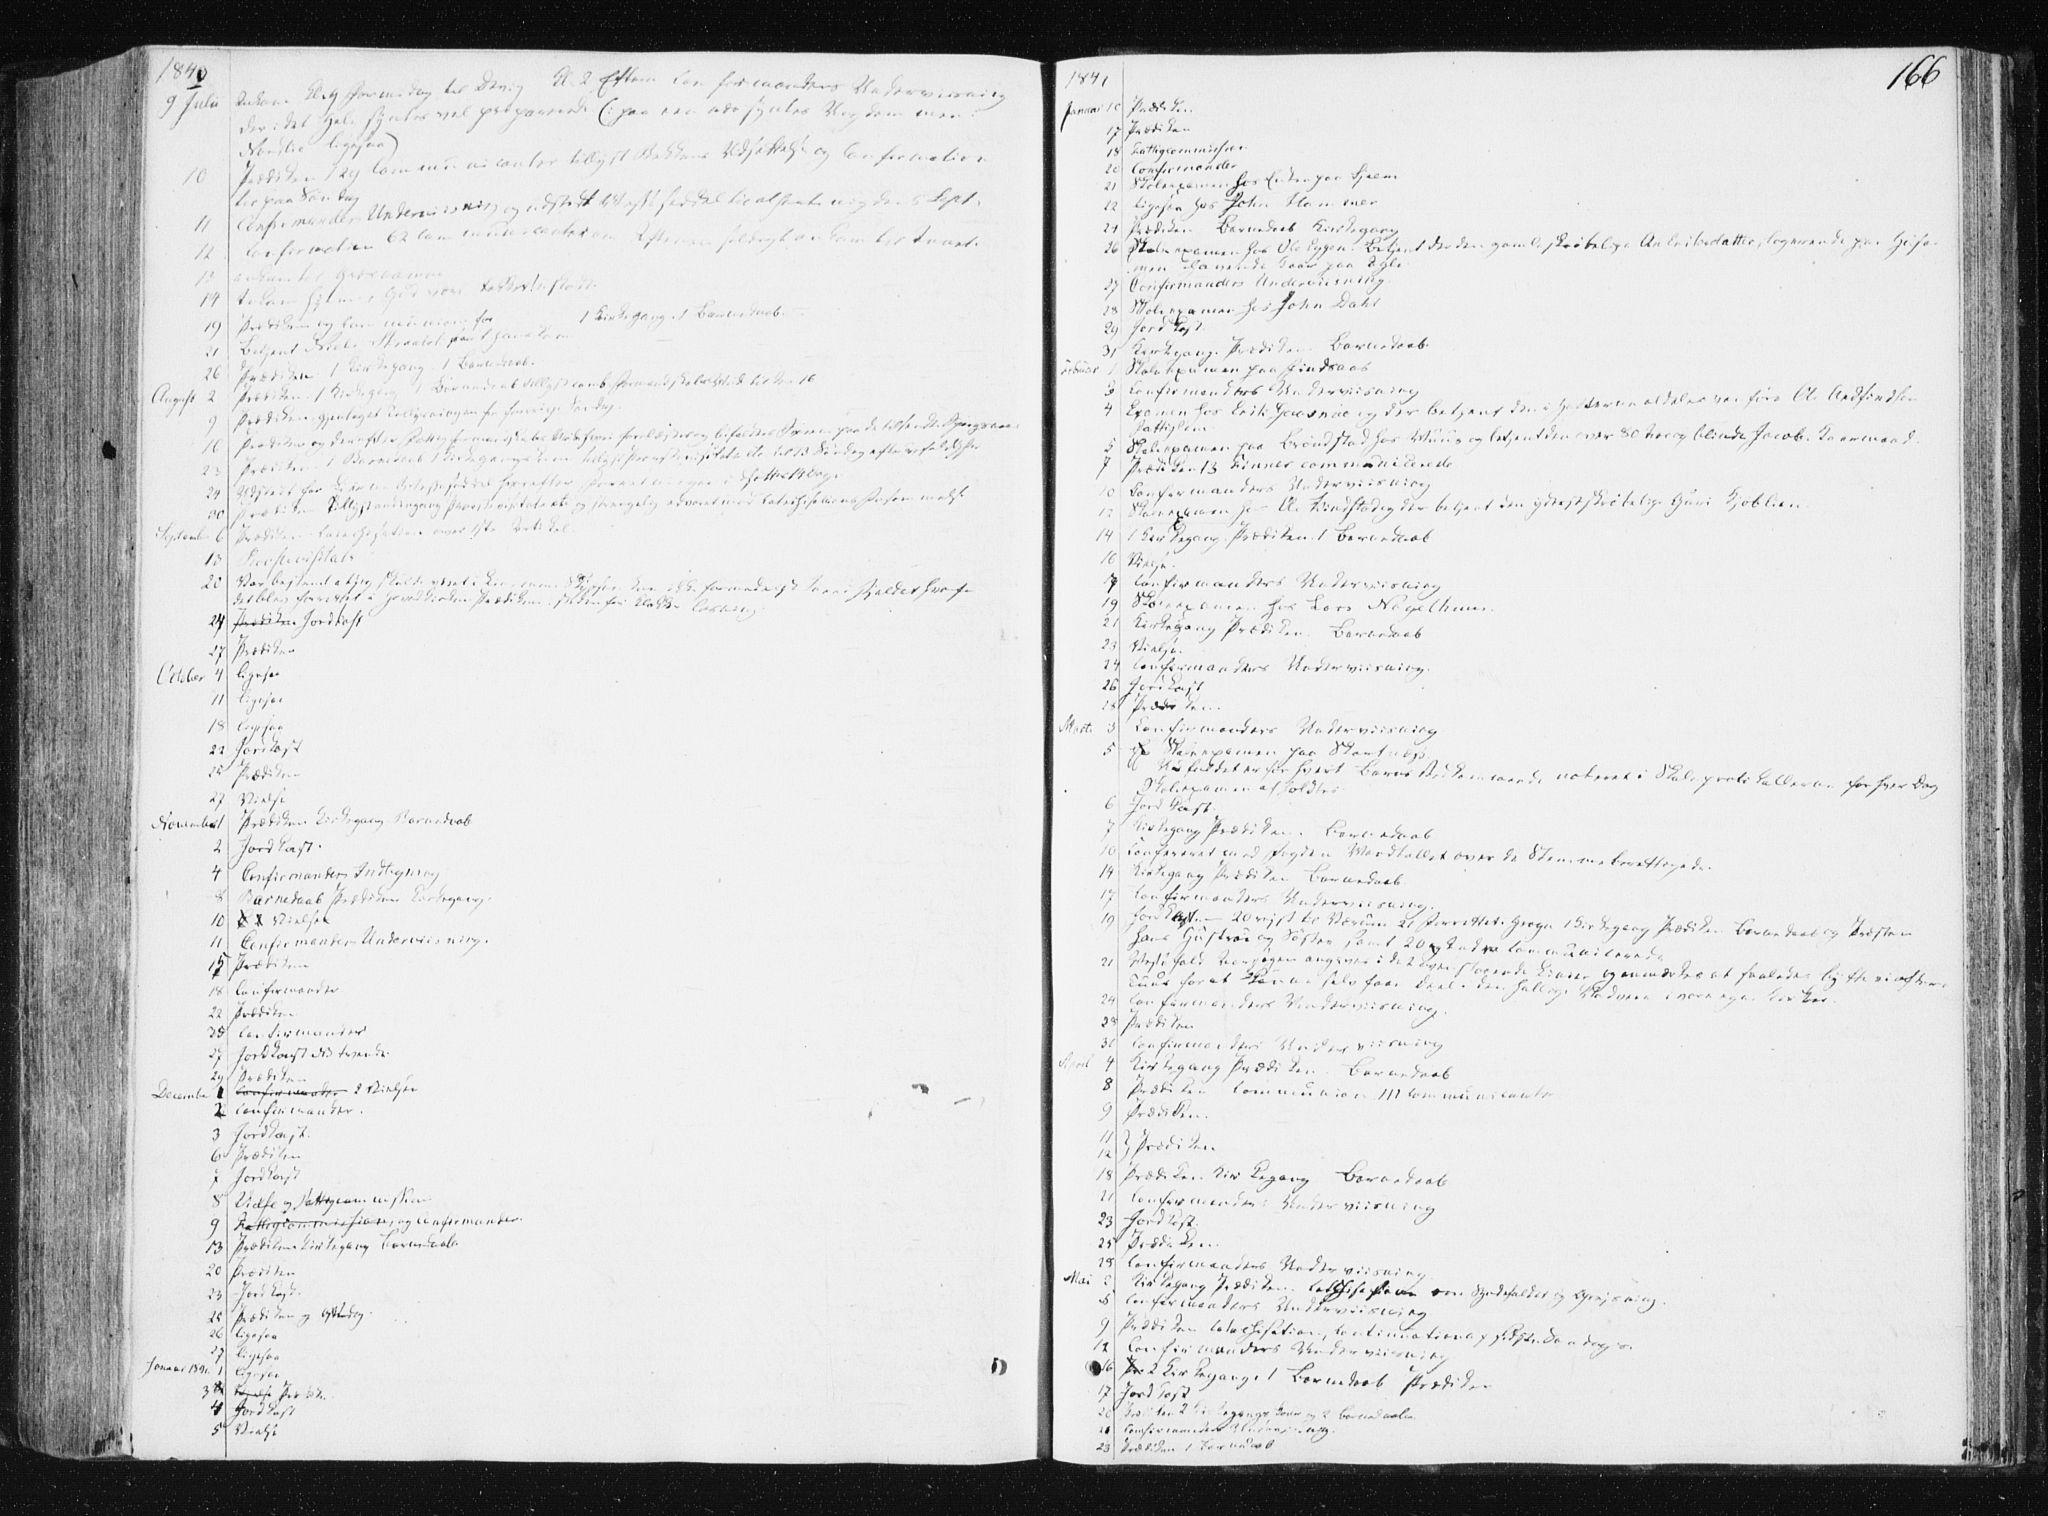 SAT, Ministerialprotokoller, klokkerbøker og fødselsregistre - Nord-Trøndelag, 749/L0470: Ministerialbok nr. 749A04, 1834-1853, s. 166